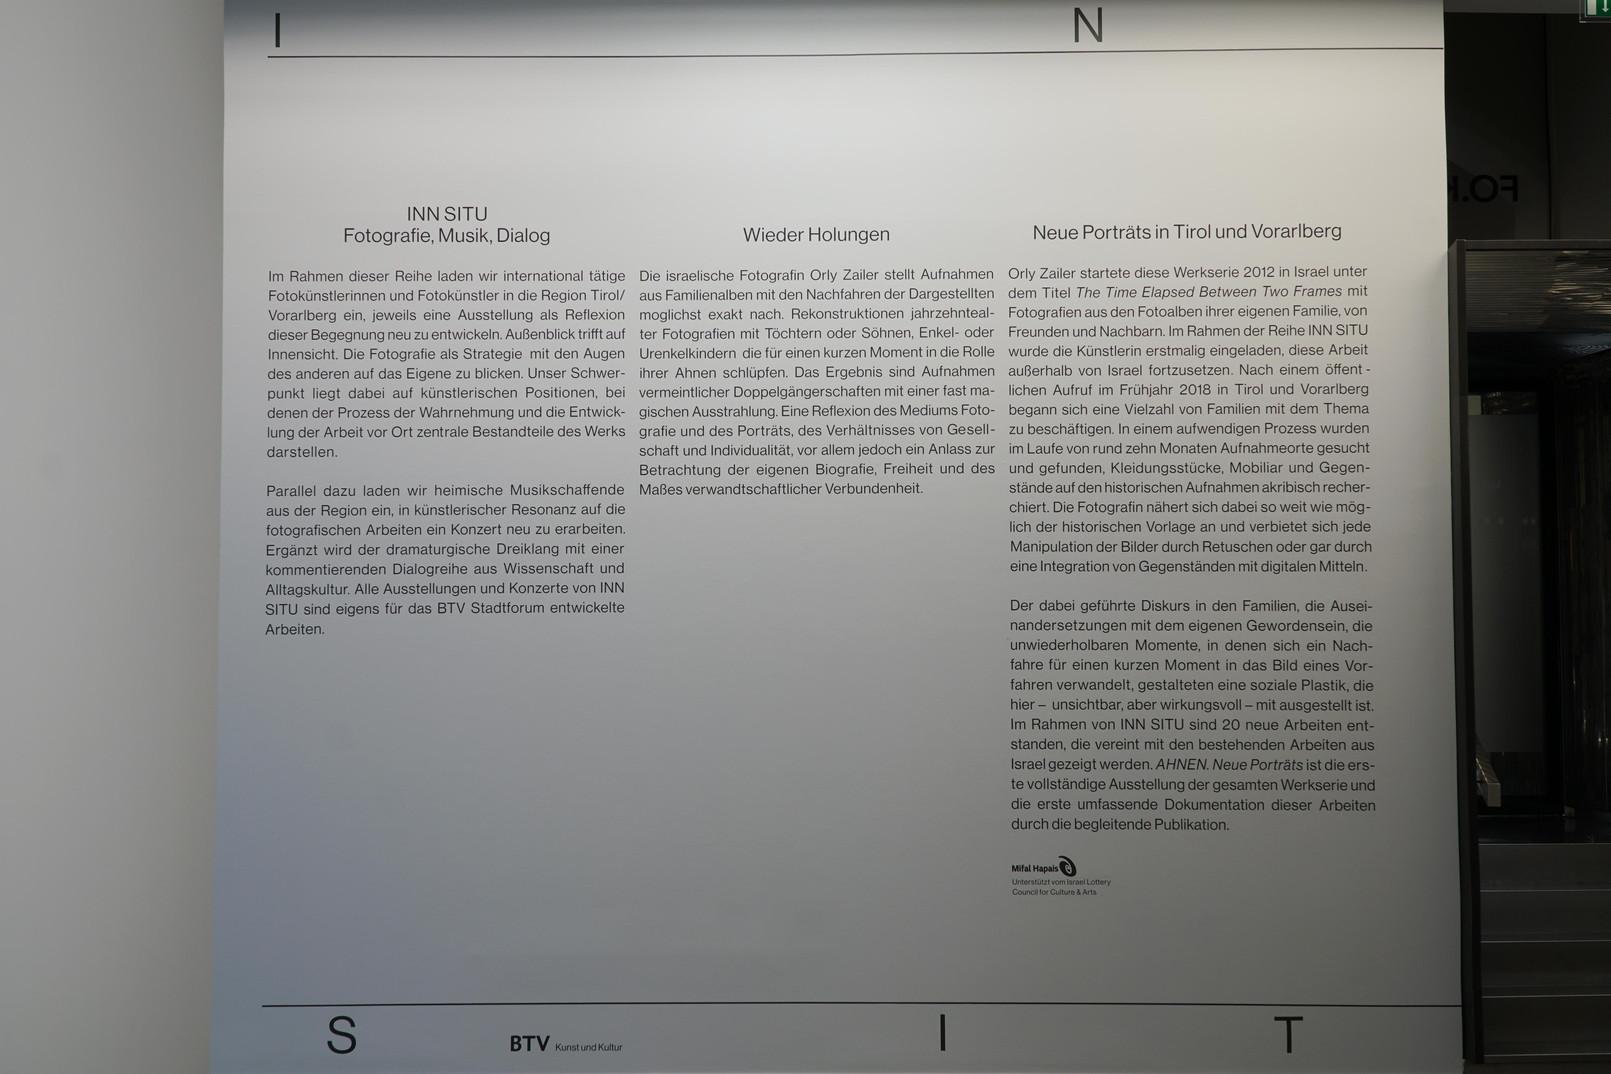 OrlyZailerAusstellungsraum-4.jpg